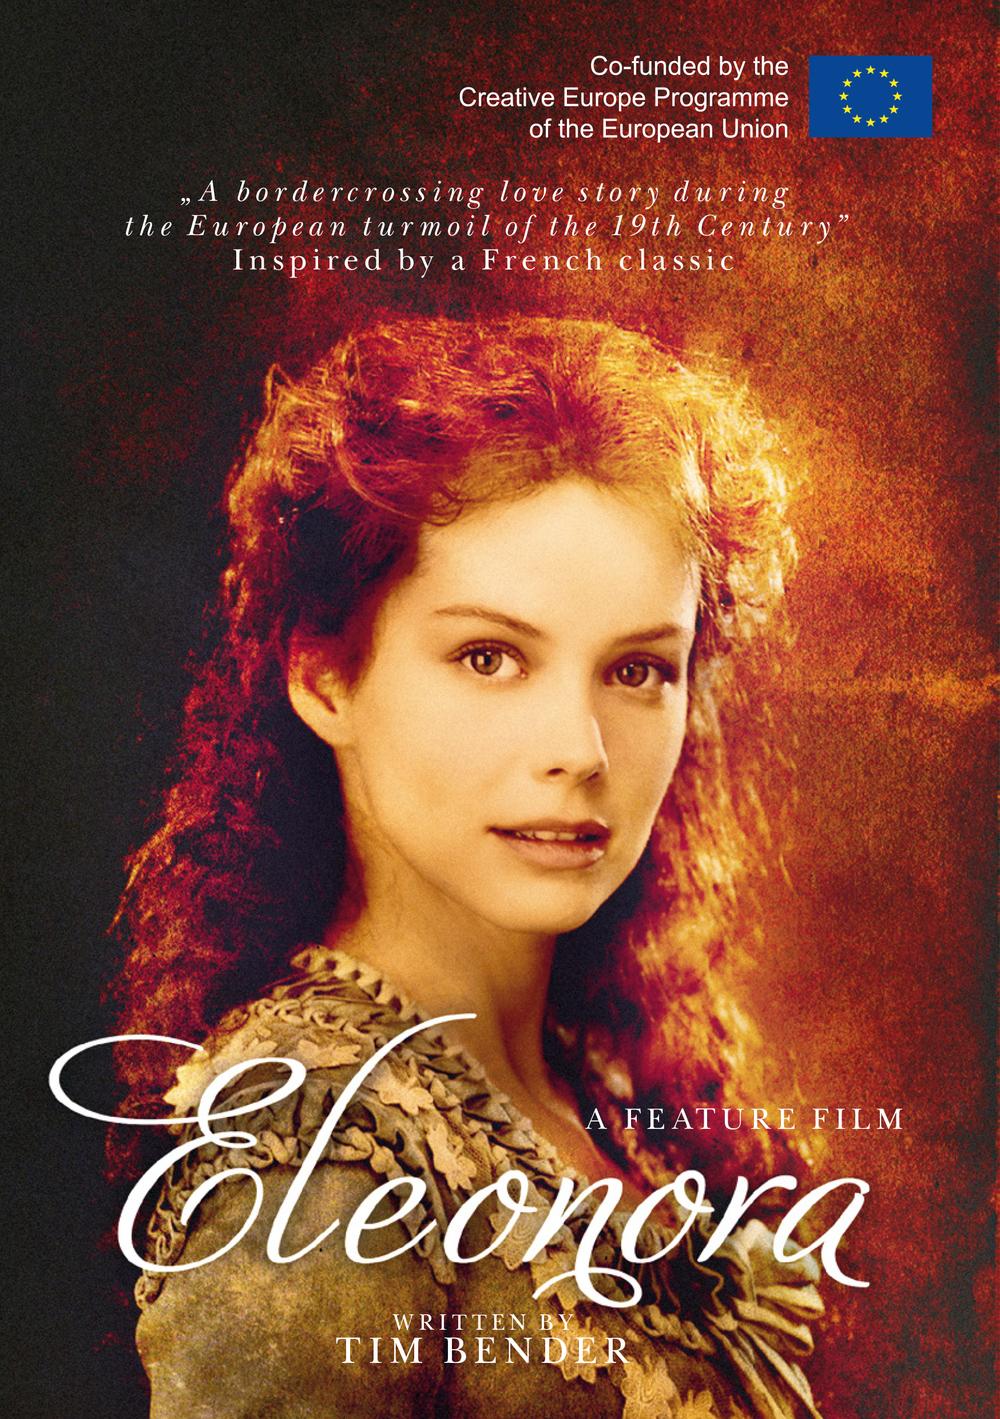 Eleonora teaser poster